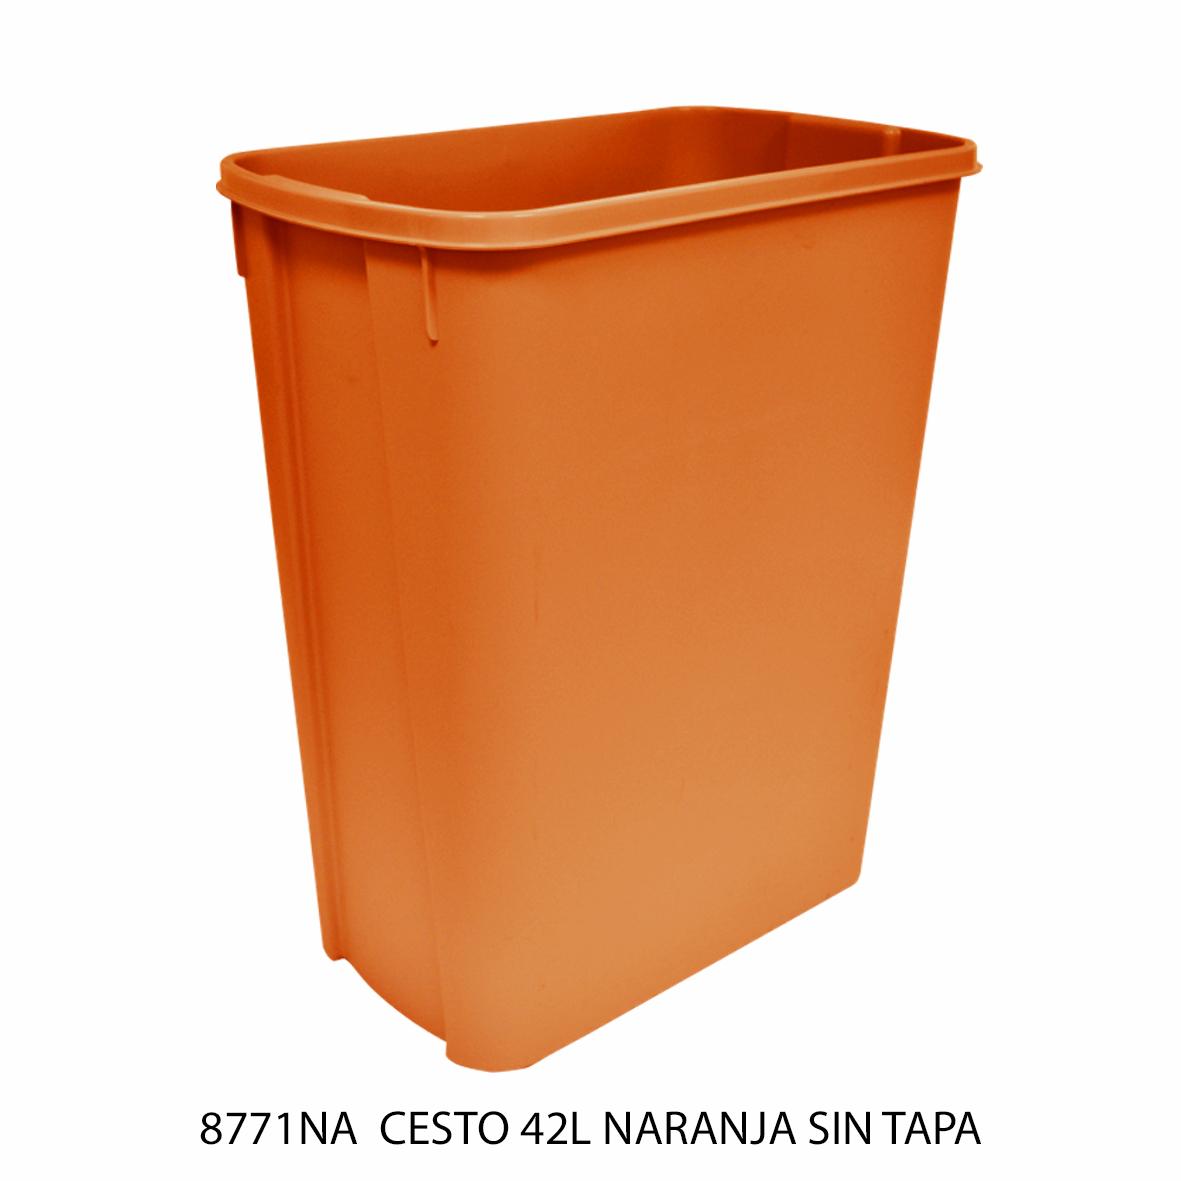 Bote de basura mediano de 42 litros sin tapa color naranja modelo 8771NA de Sablón